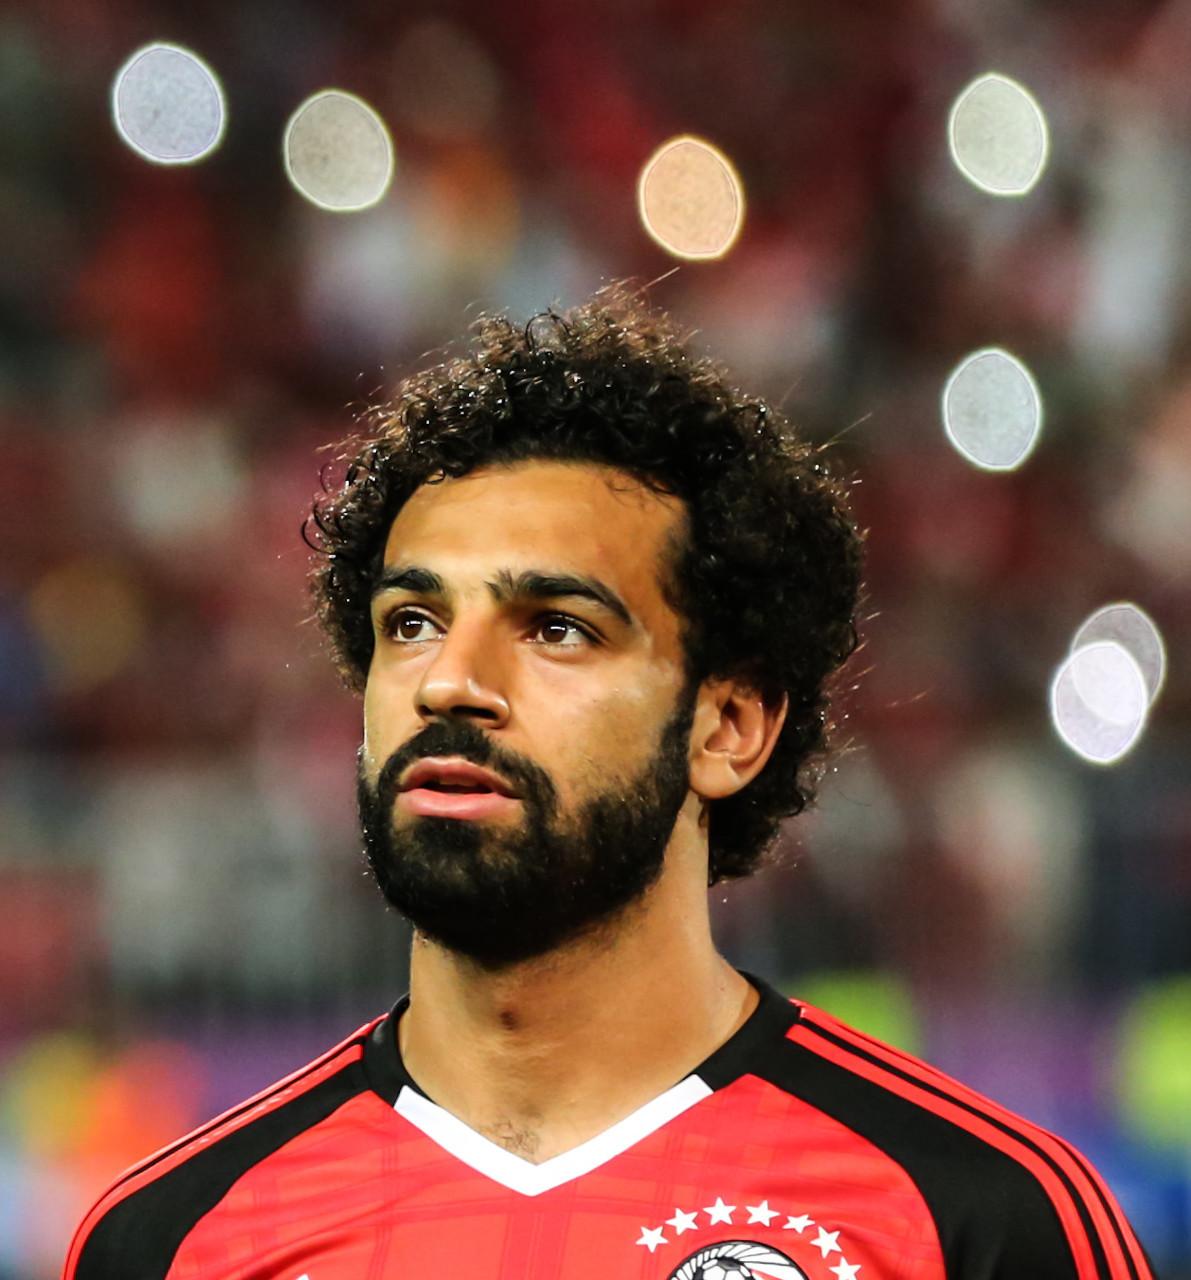 埃及主帅:若夺非洲杯,无人可挡萨拉赫拿金球奖